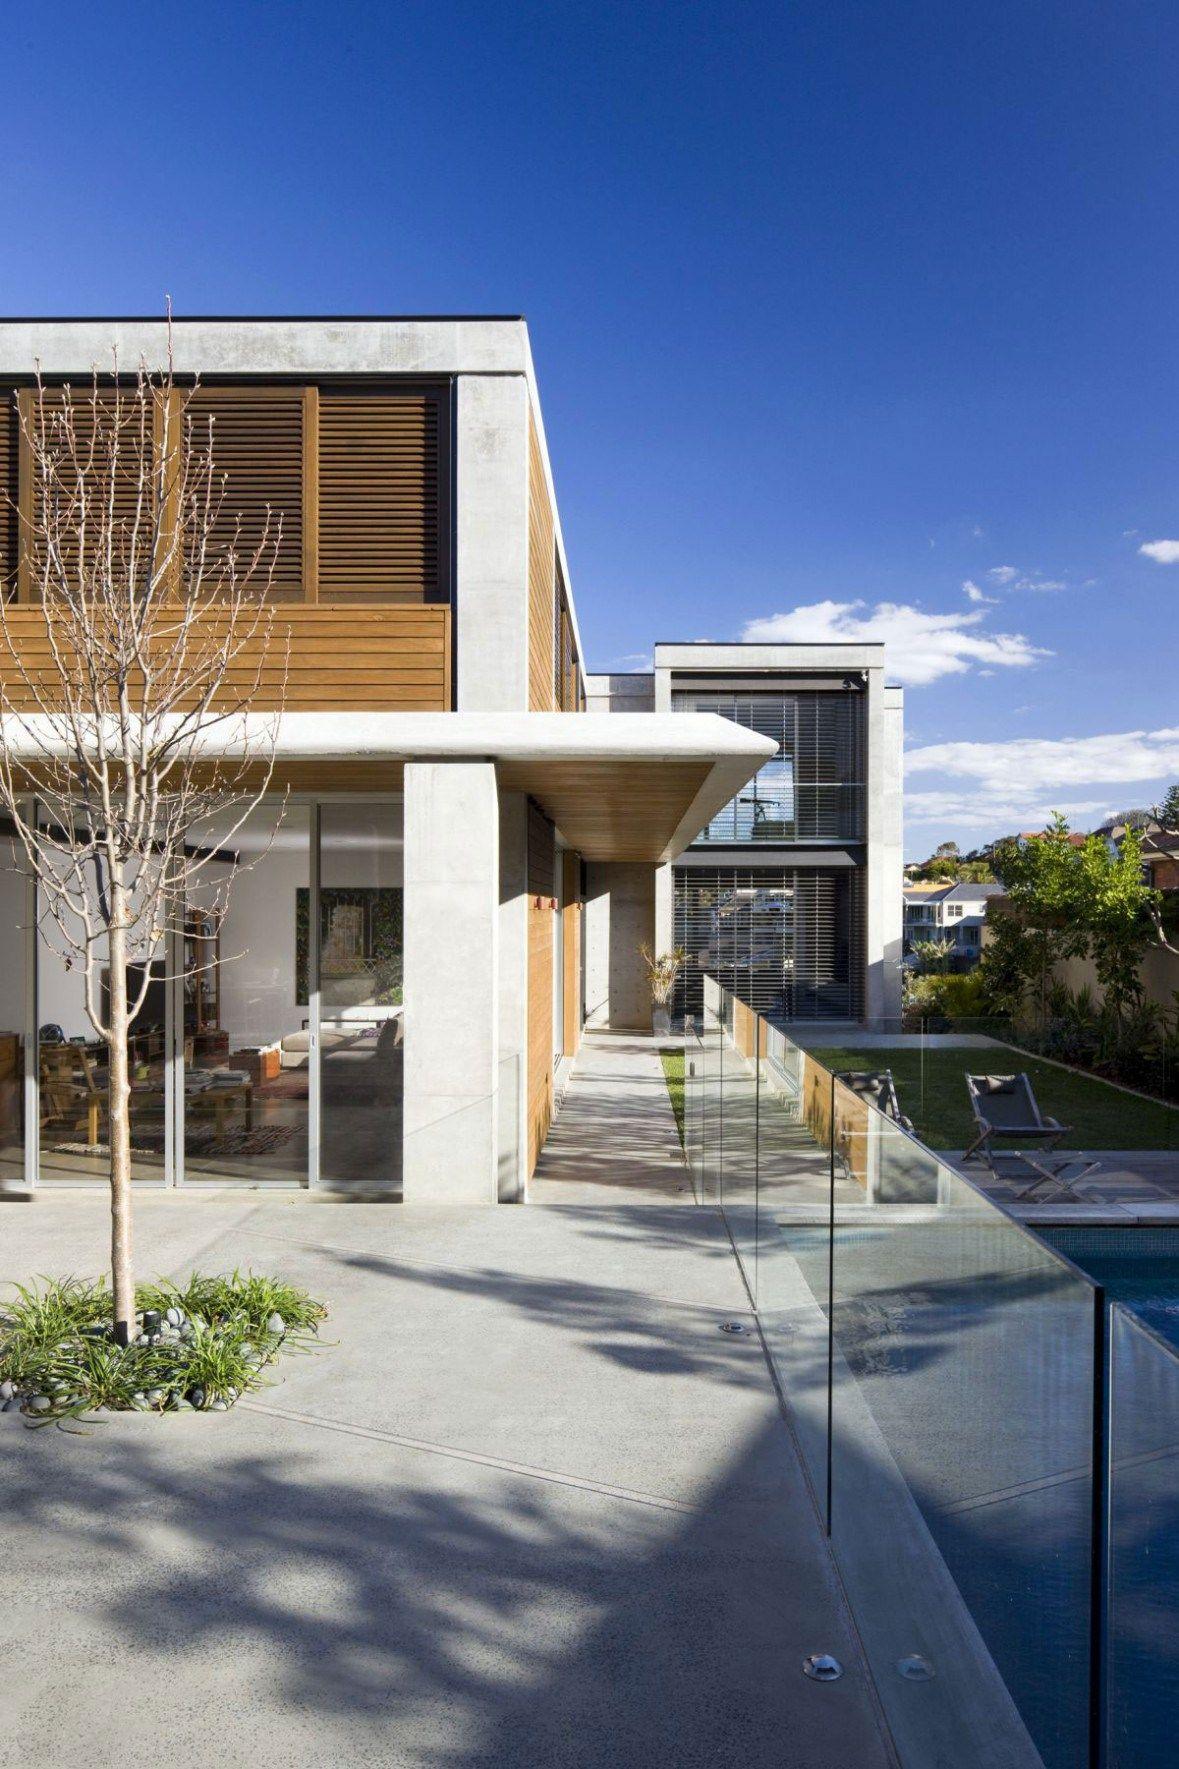 Modern house design prefab small designs floor plans victorian minecraft also large plan with garage pinterest rh za